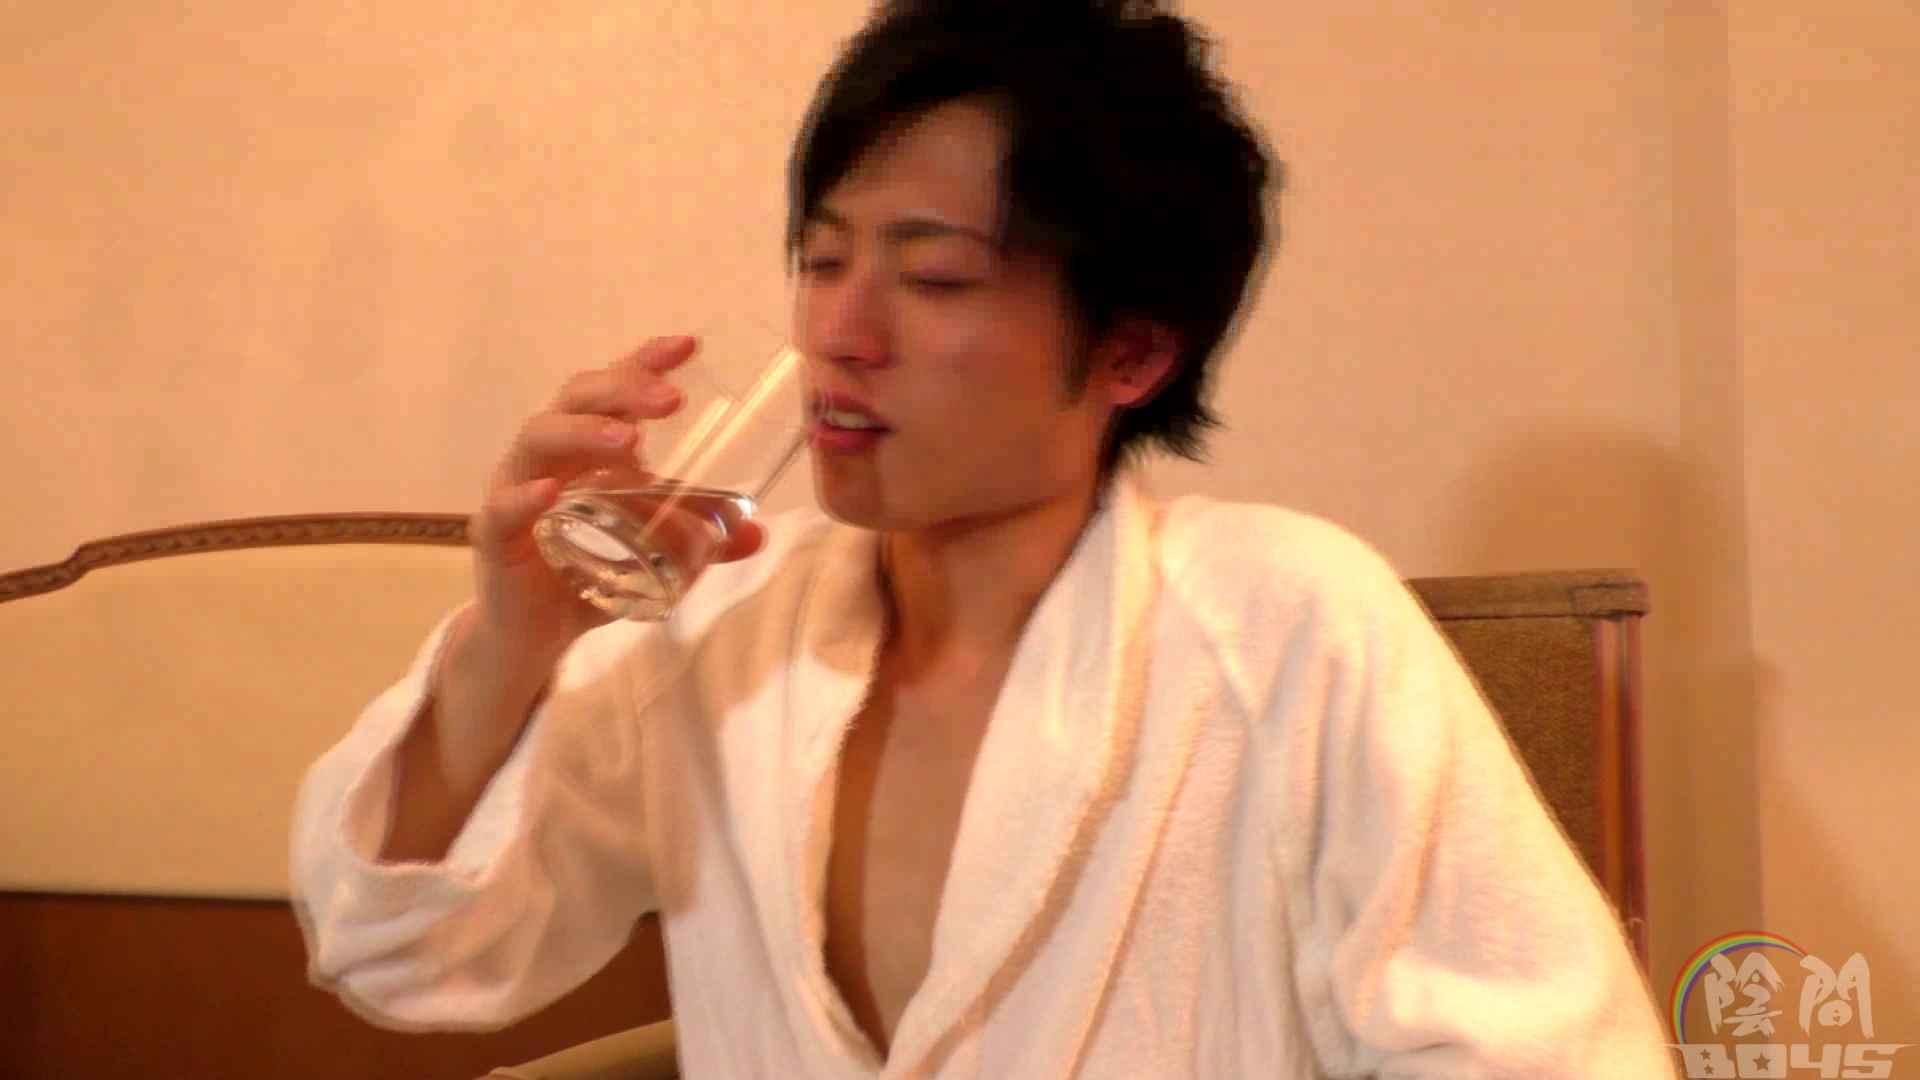 陰間BOYS~AV男優面接2、俺のアナルが…~03 男どうし 男同士動画 64pic 50